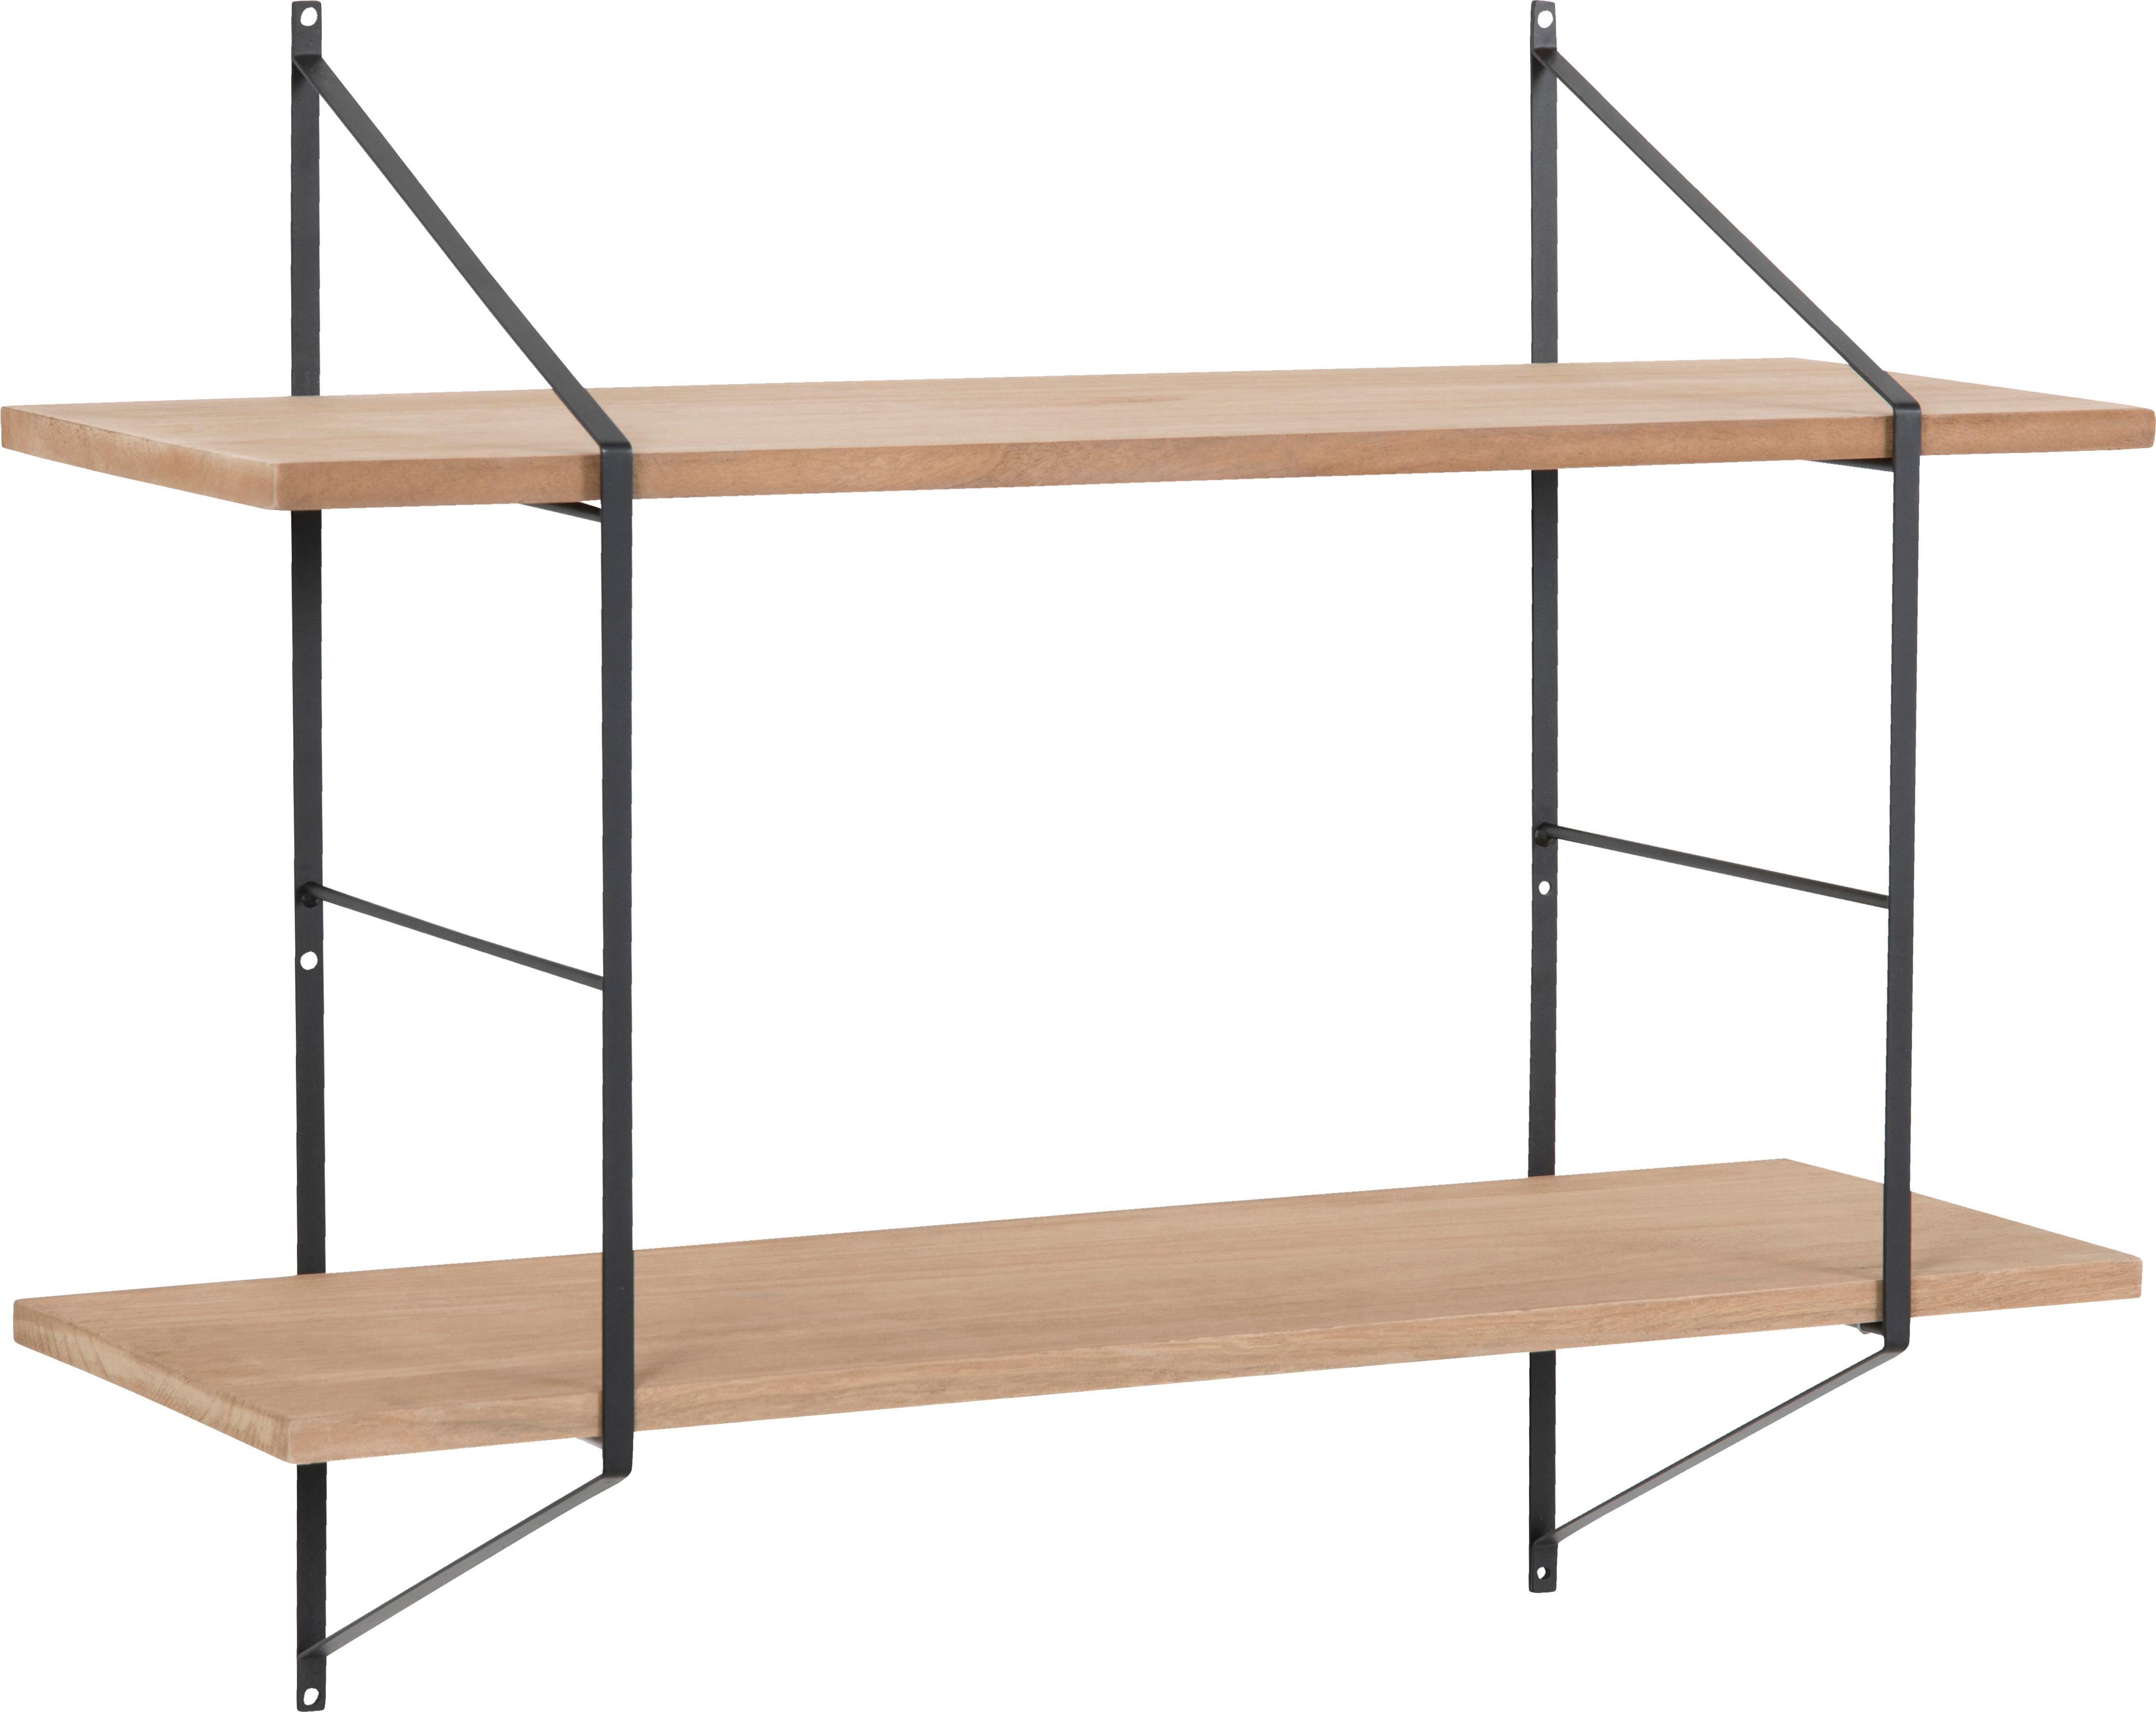 Mała półka ścienna z drewna i metalu Belfast, Stelaż: metal, malowany proszkowo, Stelaż: czarny Półki: drewno paulownia, olejowane, S 76 x W 63 cm